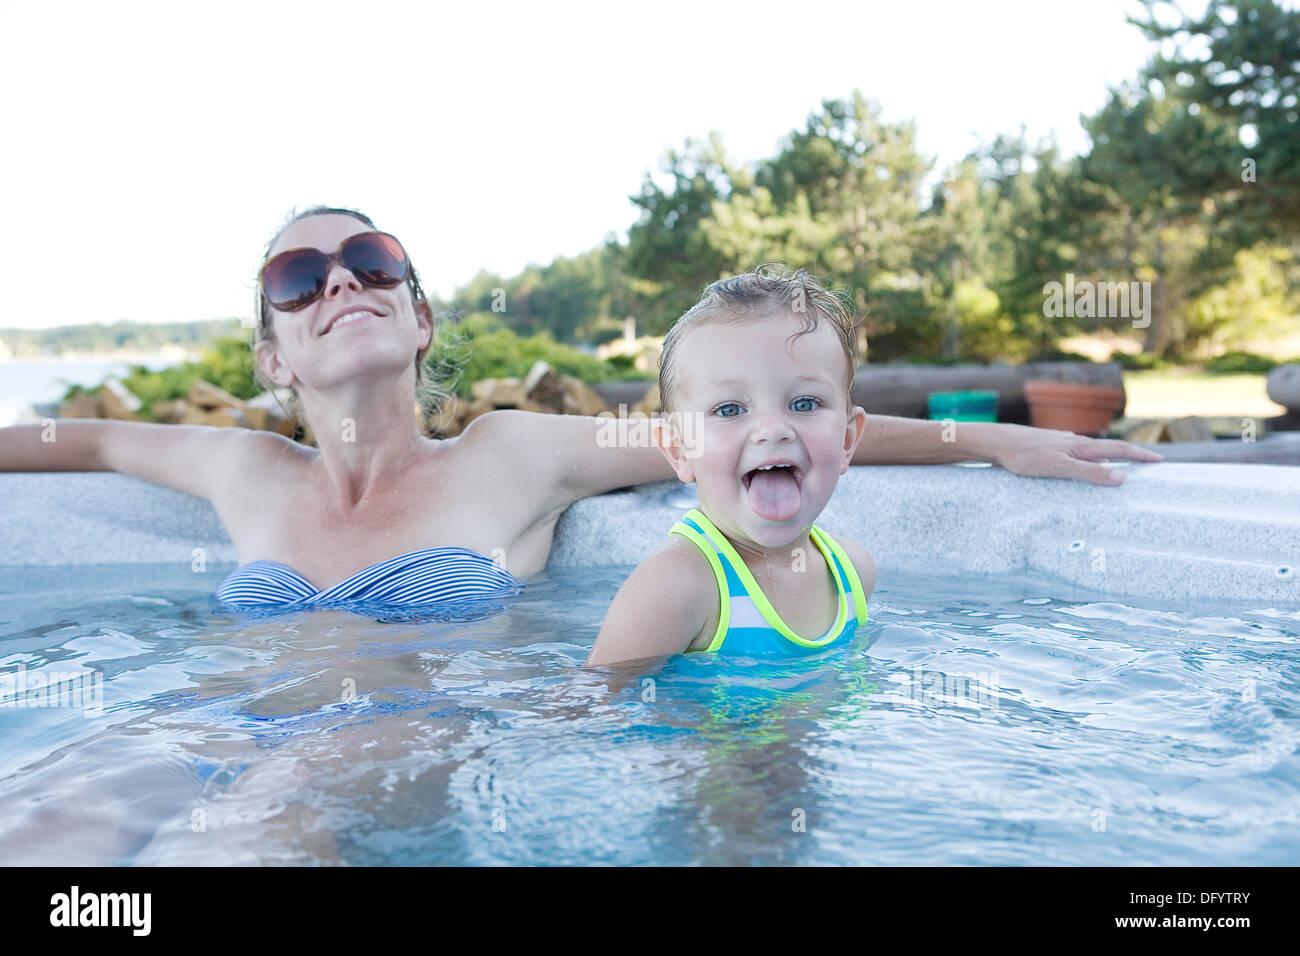 Girl Child Jacuzzi Stock Photos & Girl Child Jacuzzi Stock Images ...